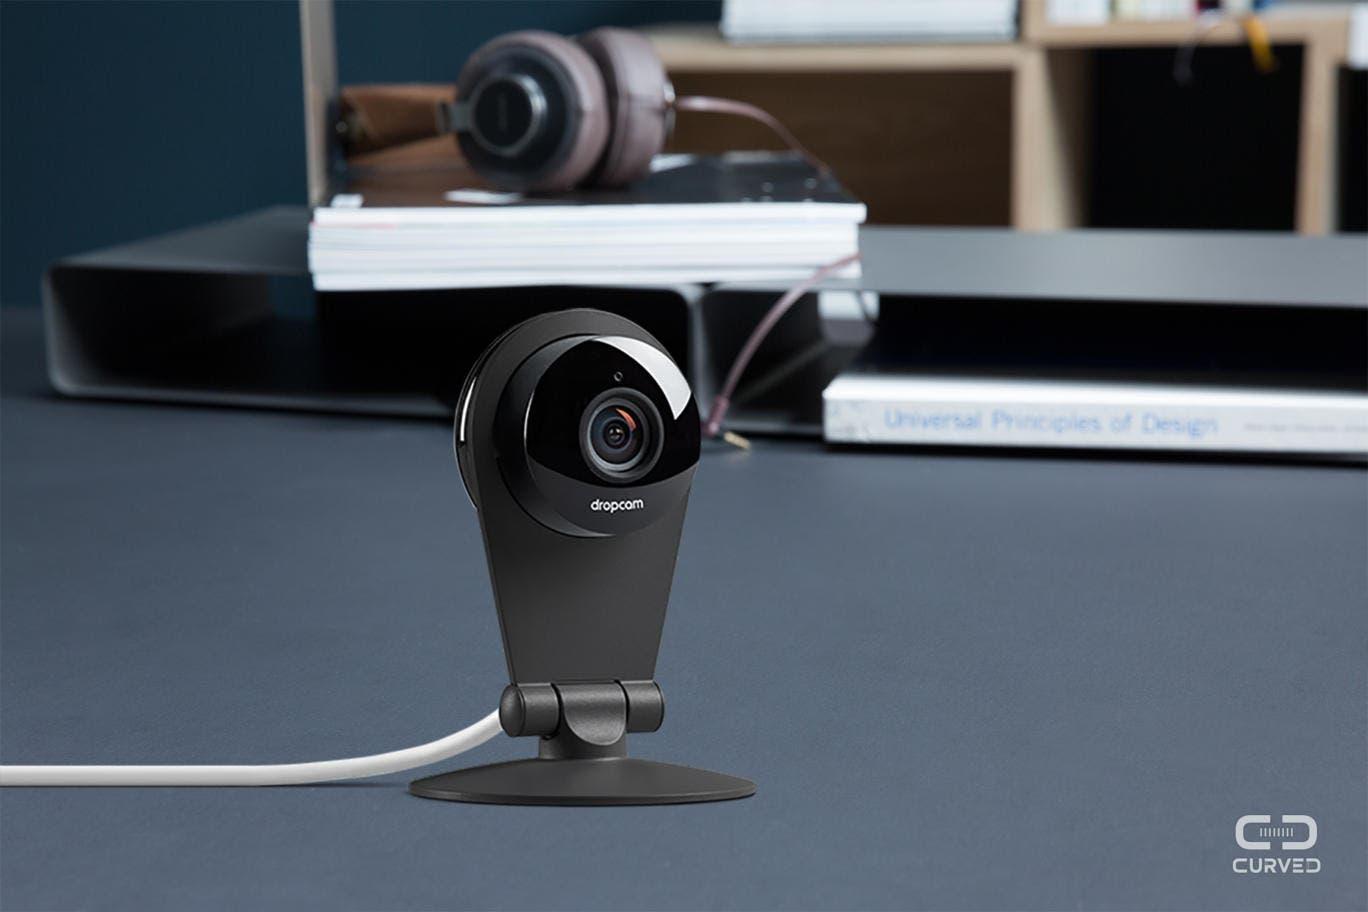 Google Dropcam: Internetkonzern könnte ins Security-Geschäft einsteigen